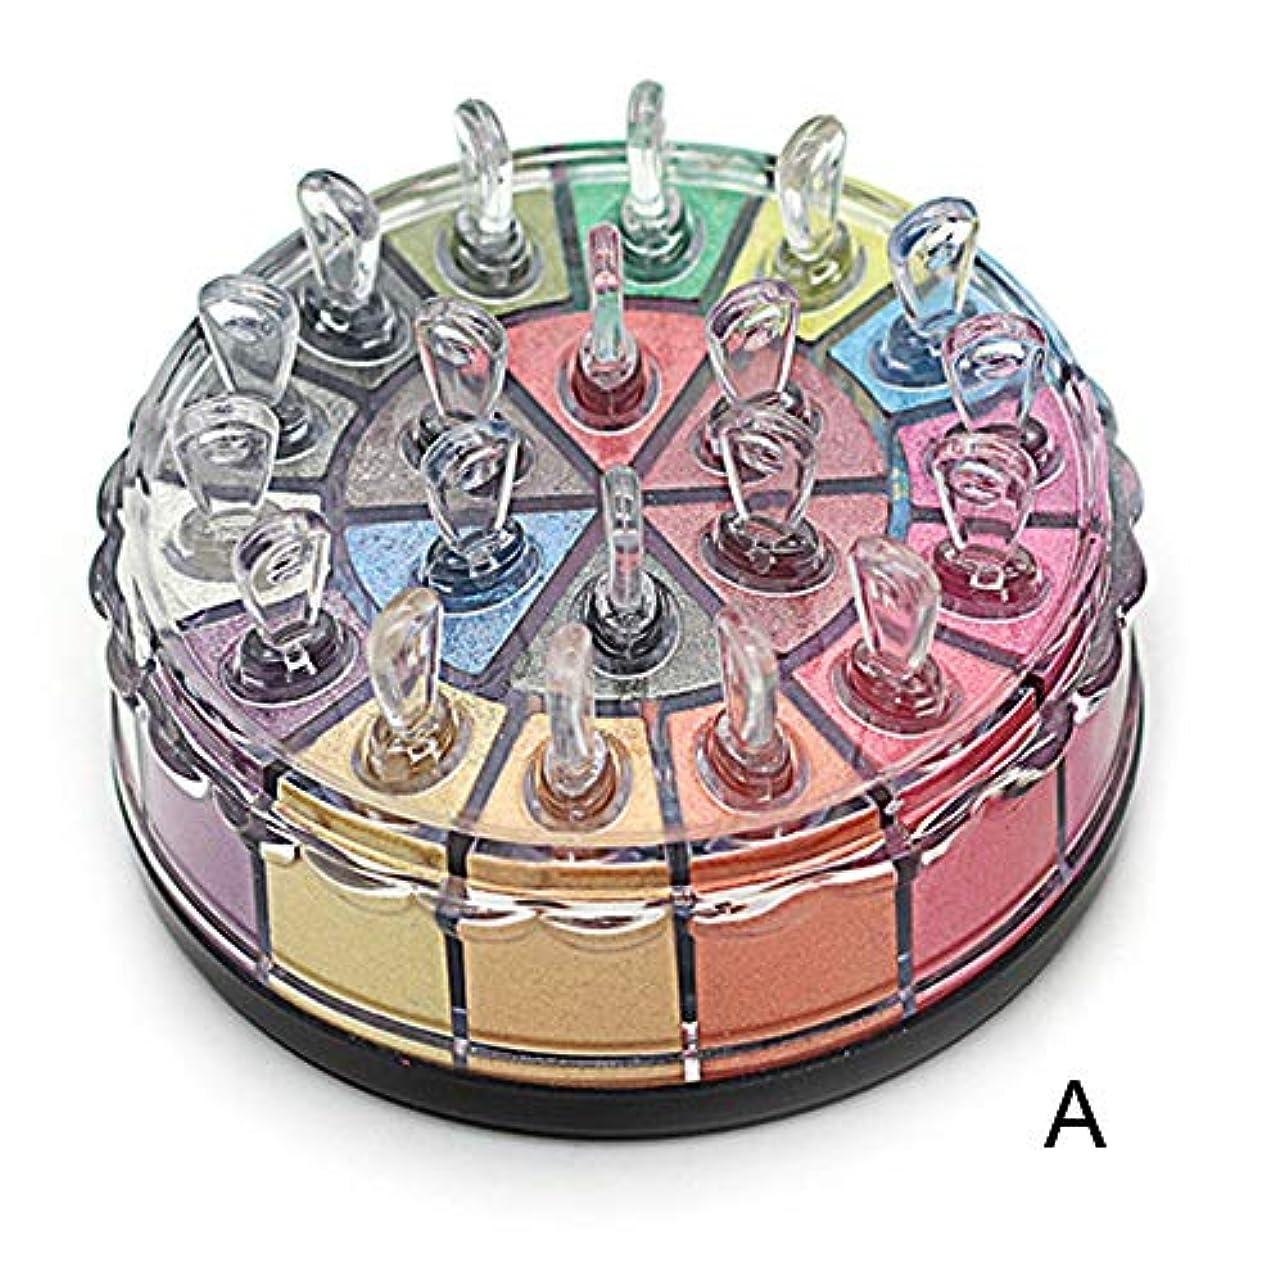 柔らかい足掃除独裁1個20色アイシャドウパレットmaquiagemシマーキラキラアイシャドウパウダーパレットマットアイシャドウ化粧品メイクアップキット (Color : A)